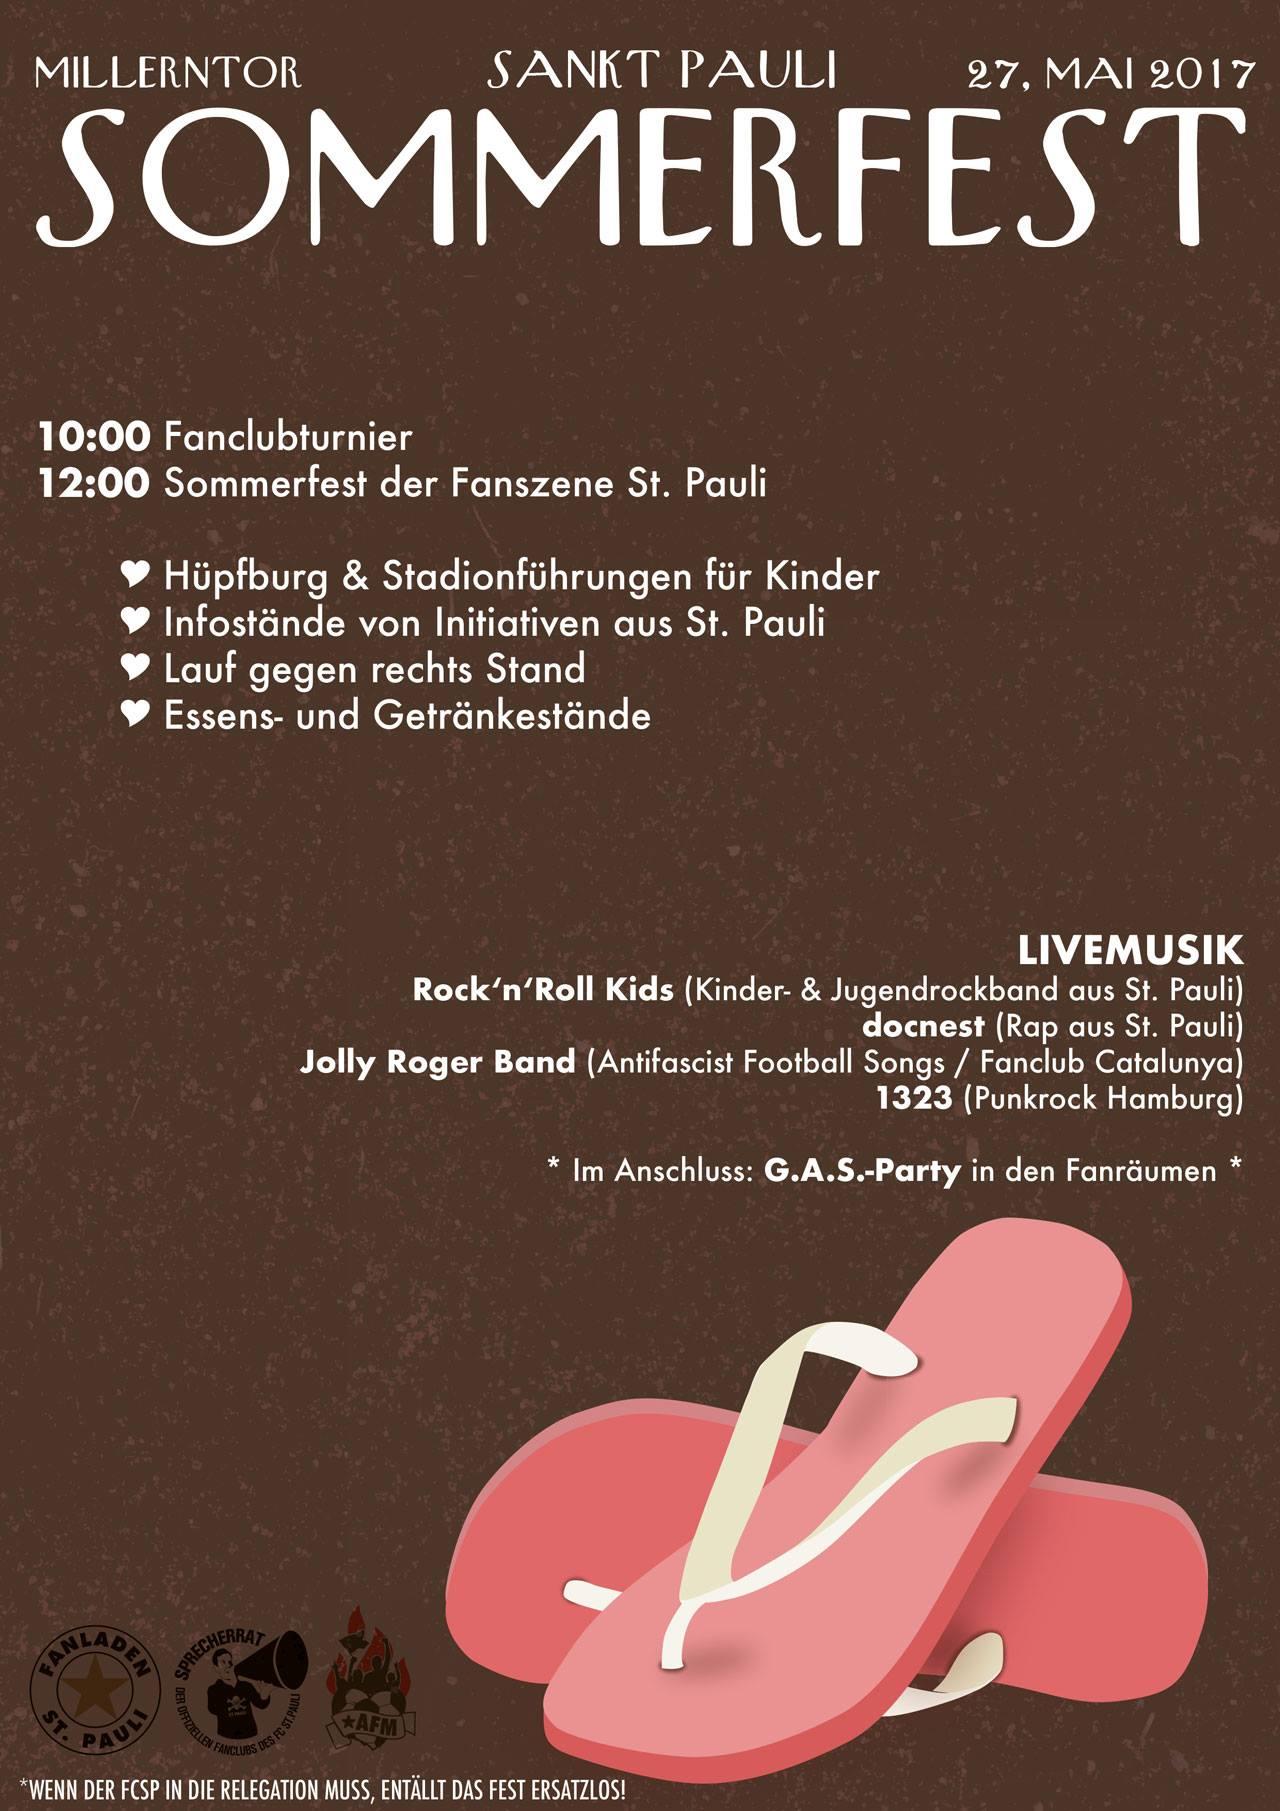 Sommerfest der Fanszene und Fanclub-Turnier im Millerntor-Stadion